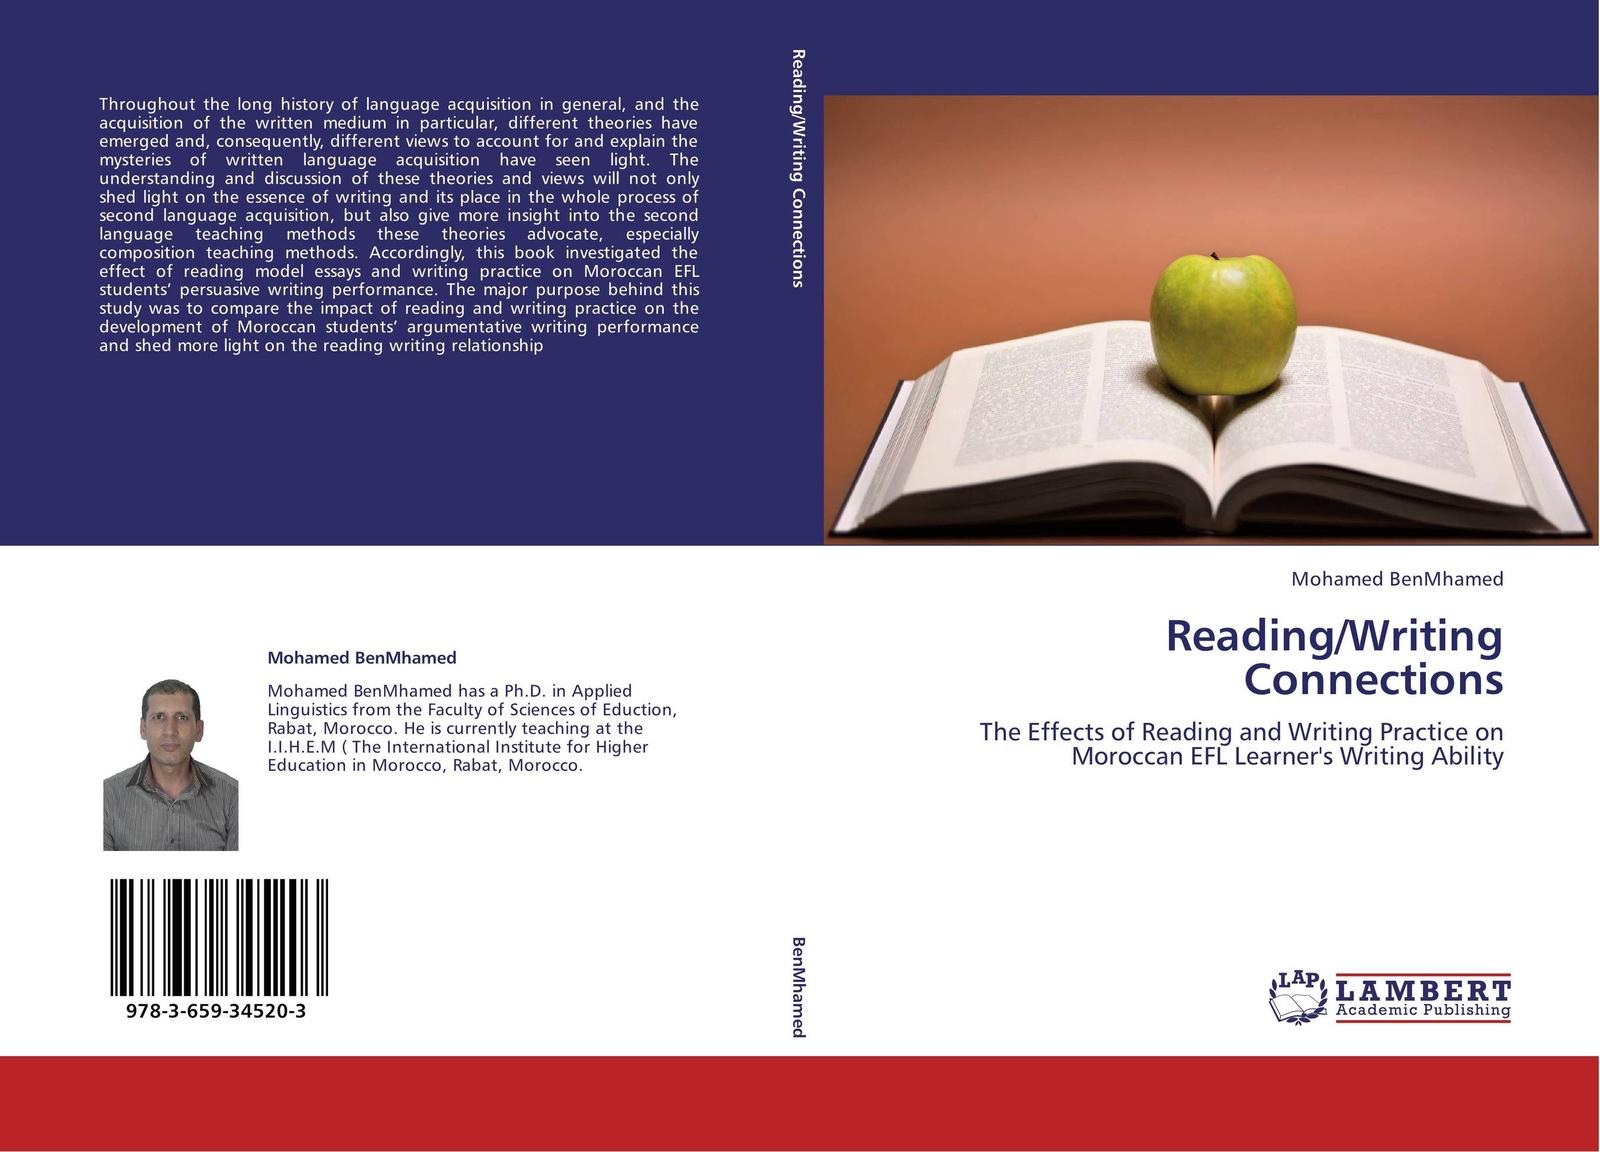 лучшая цена Mohamed BenMhamed Reading/Writing Connections